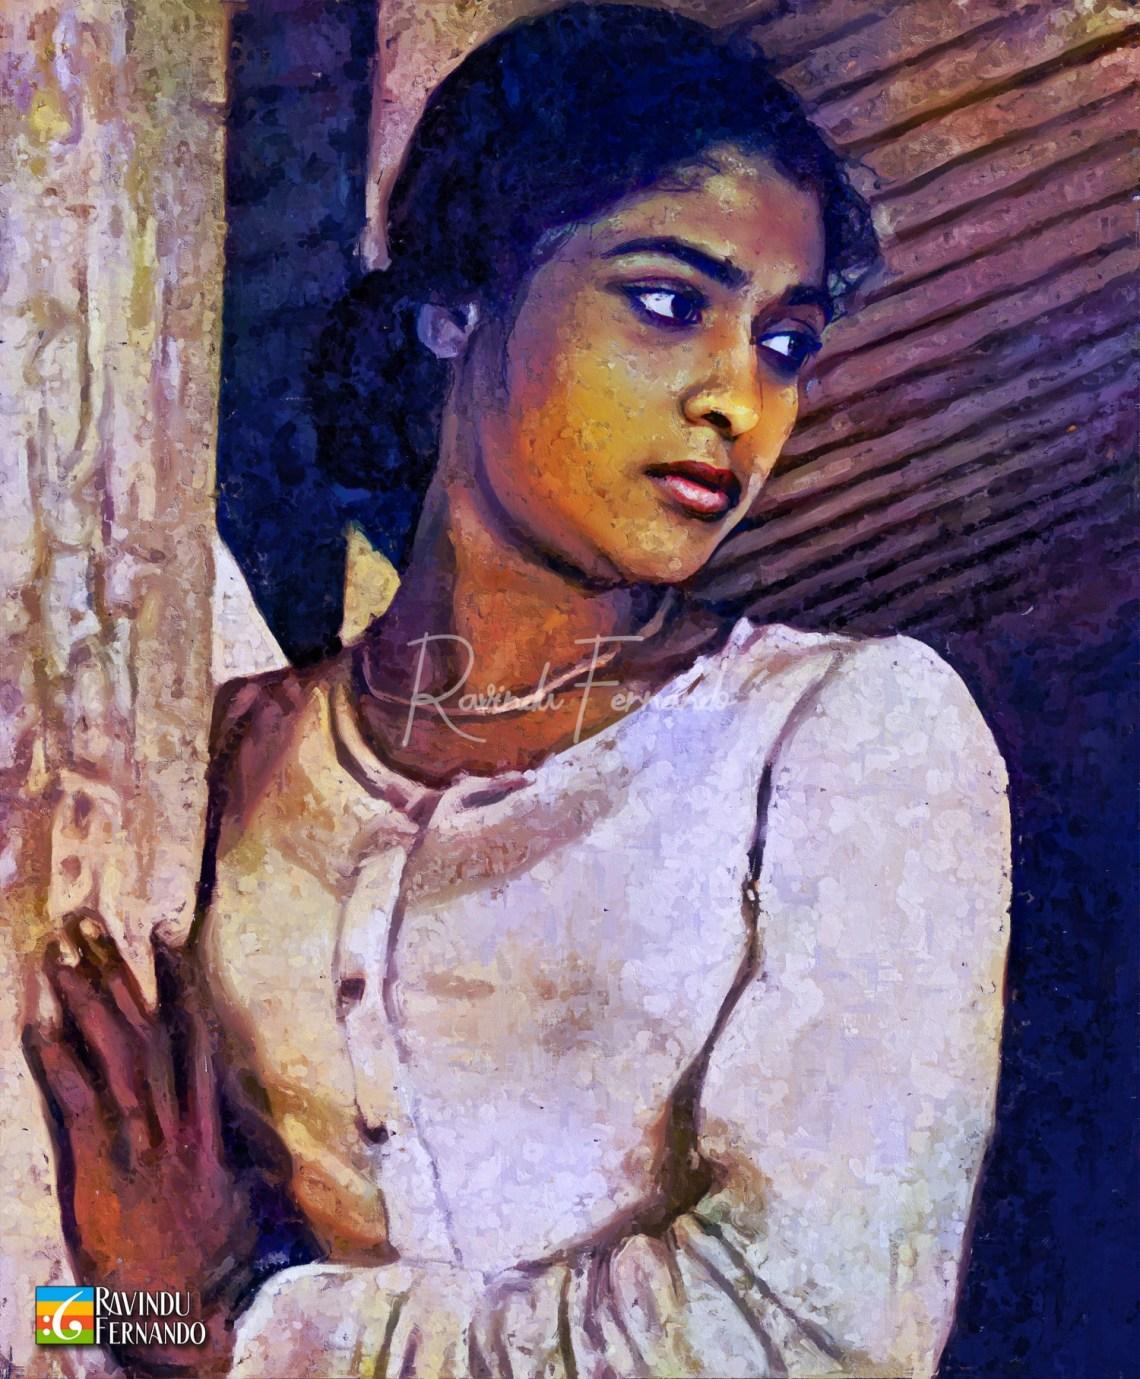 Punya Heendeniya Digital Oil Painting by Ravindu Fernando